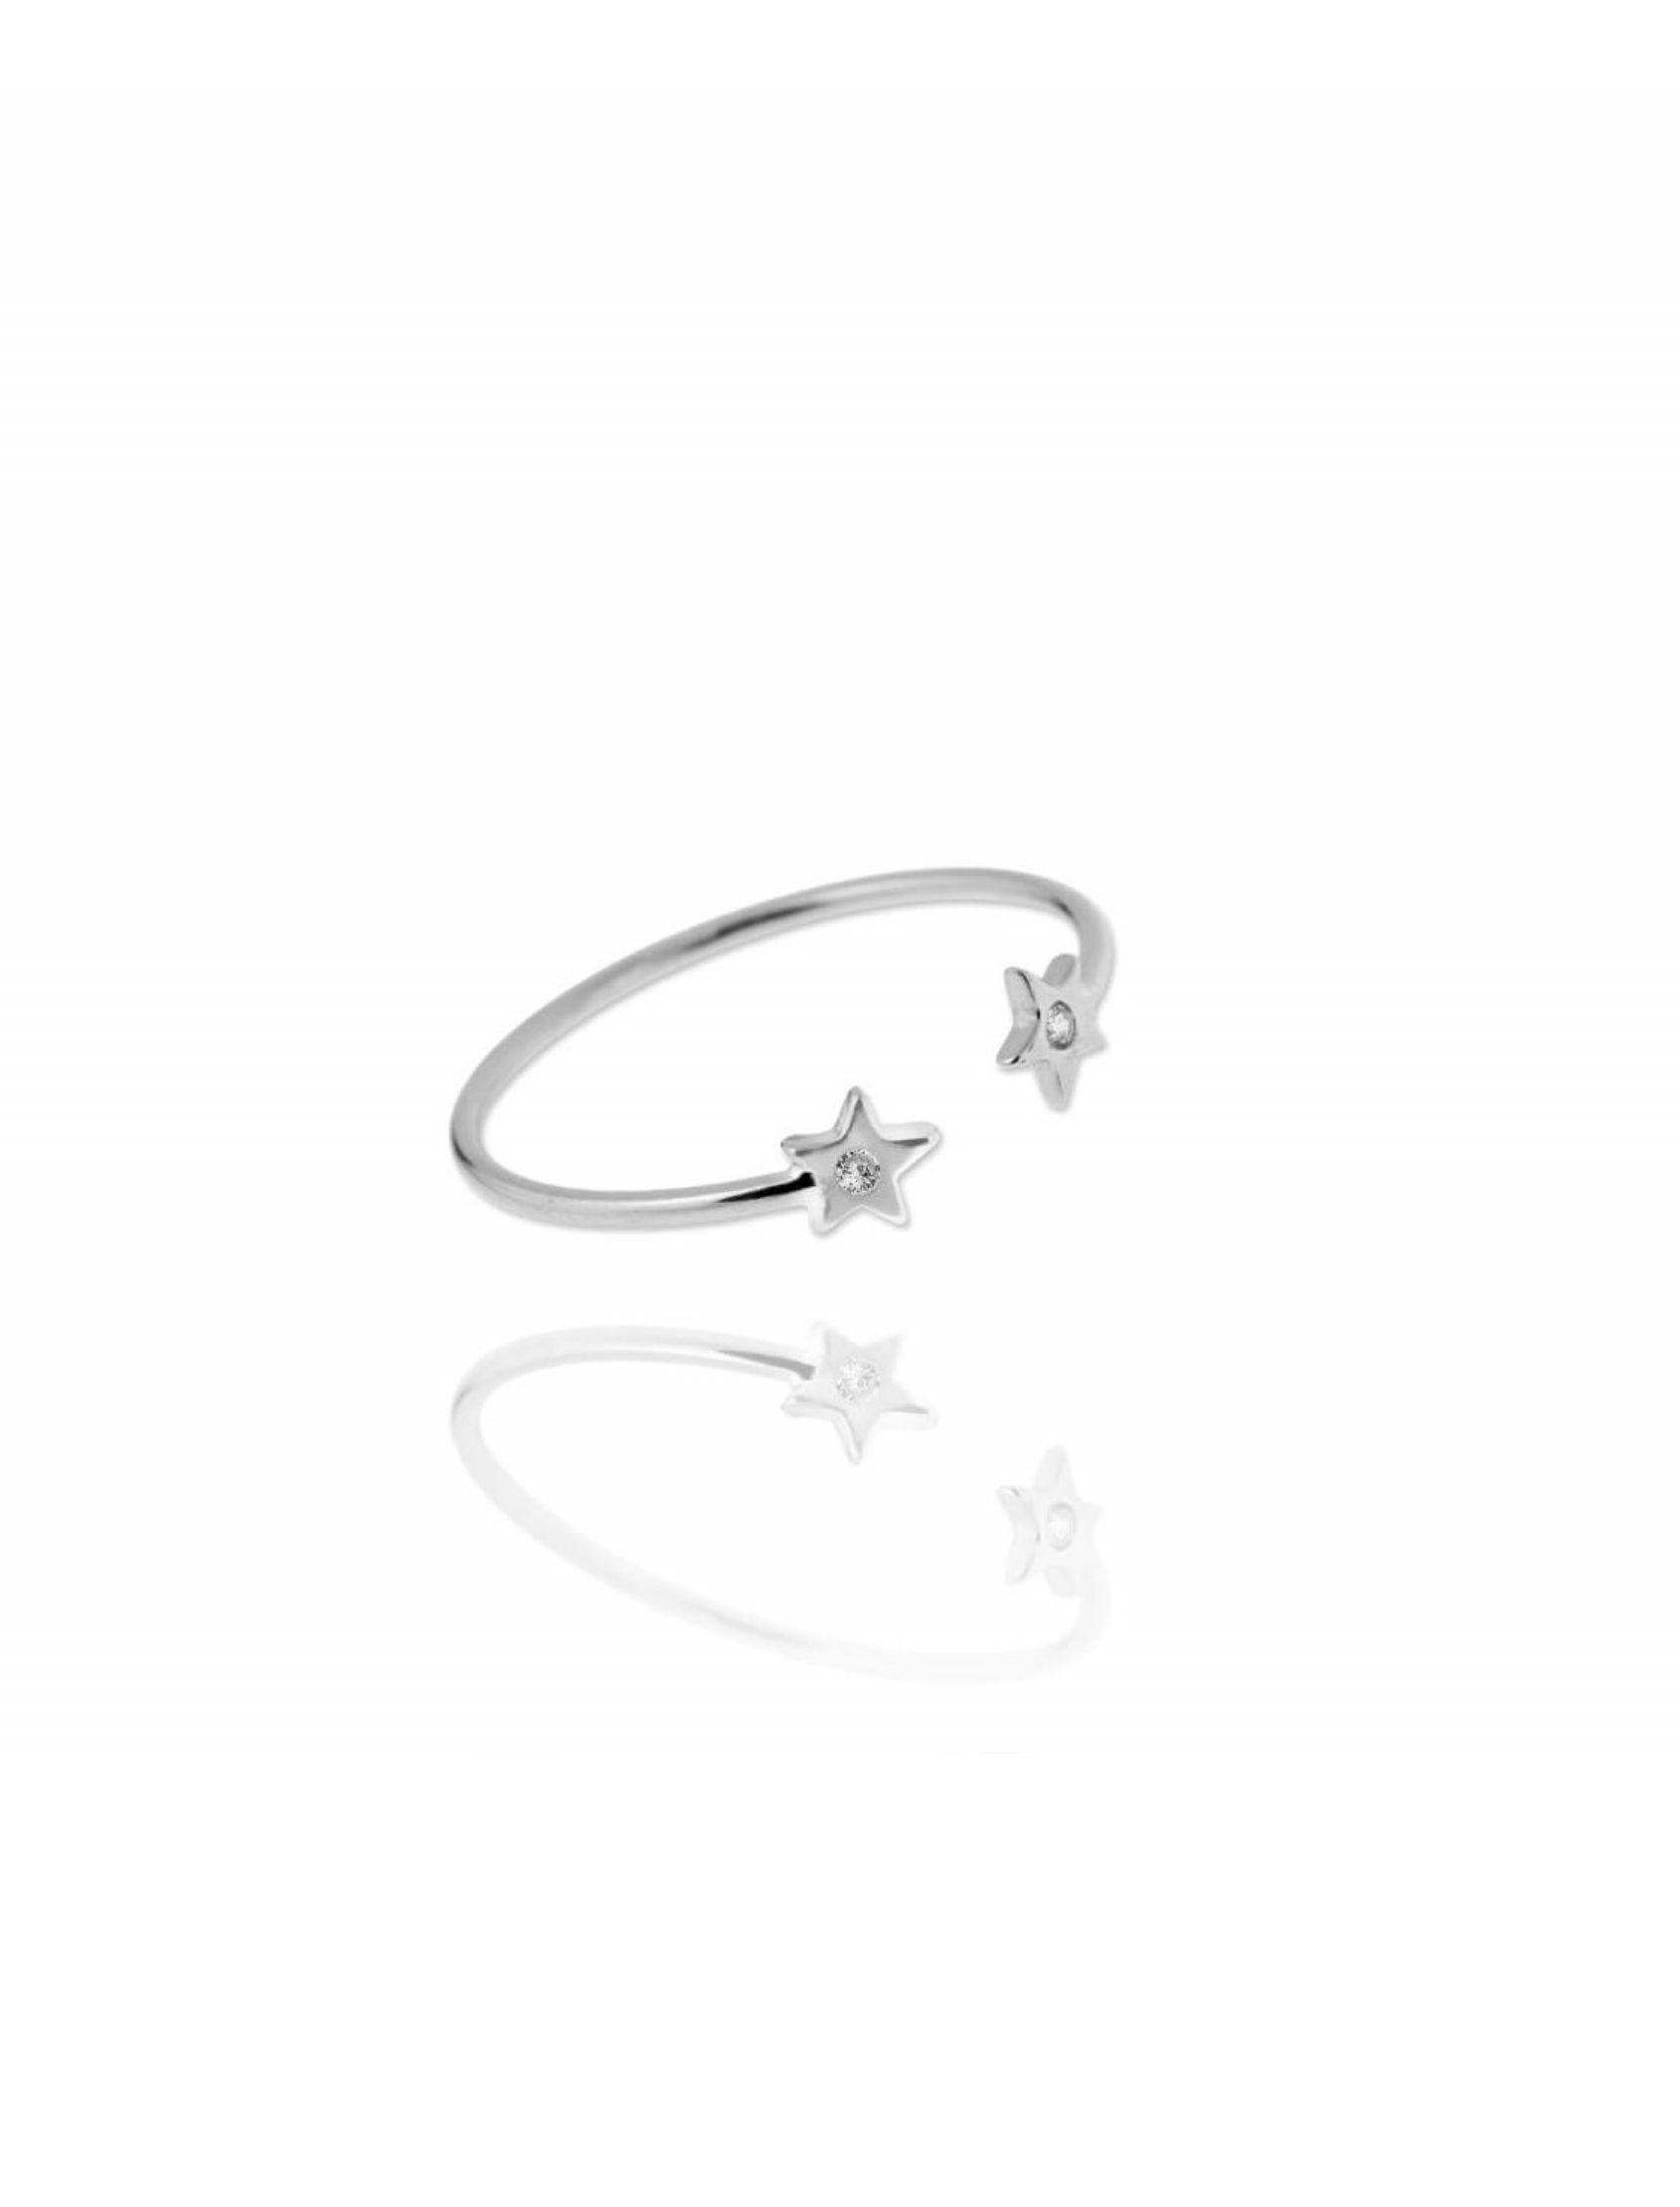 anillo estrella circo en plata con circonitas blancas